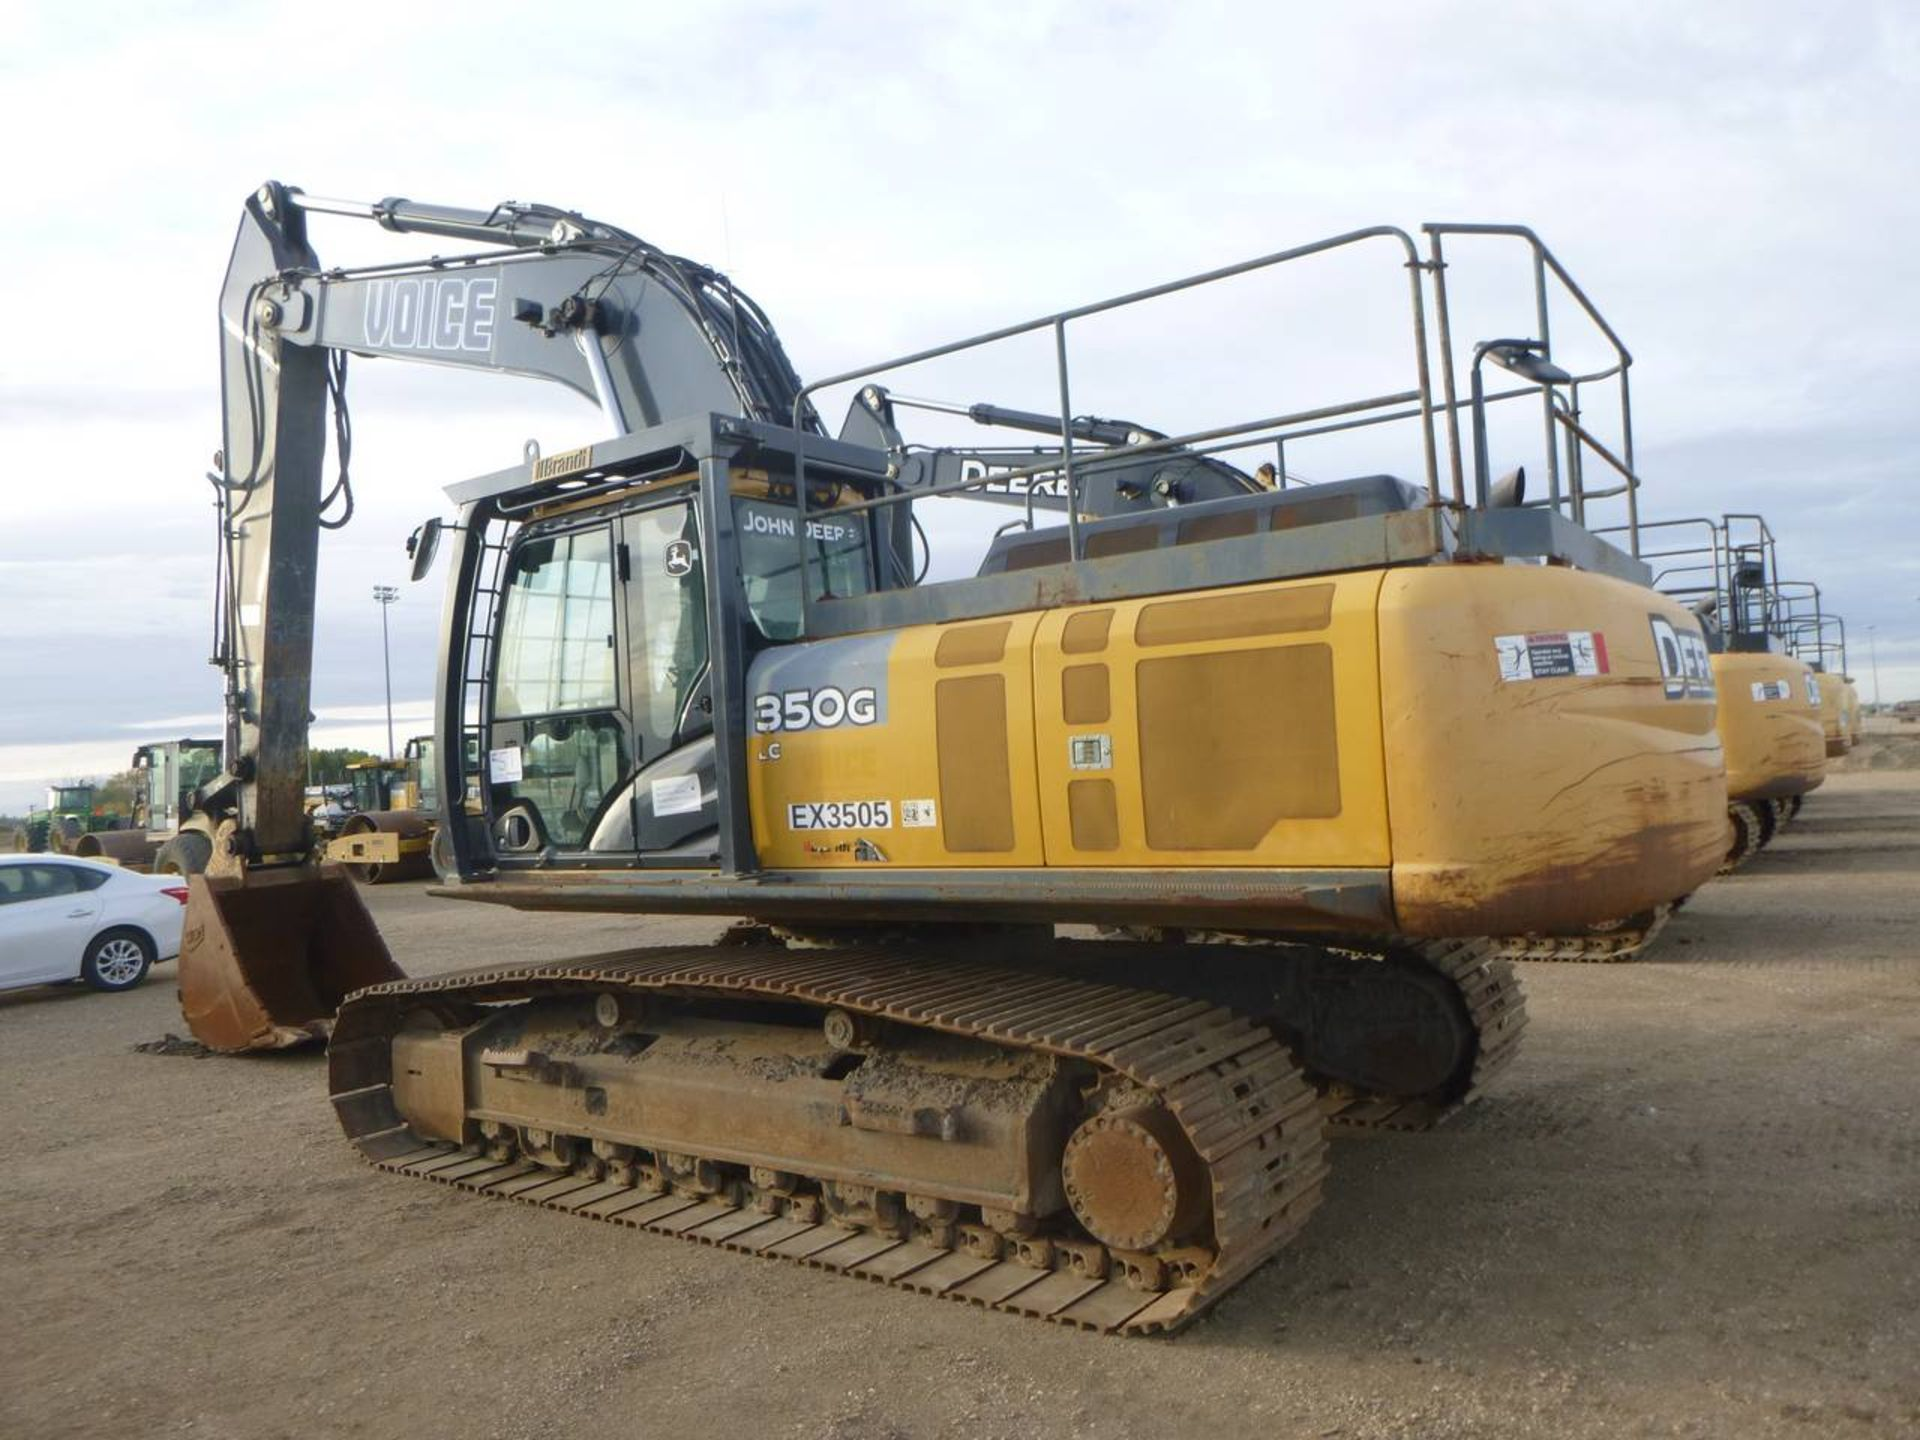 2012 John Deere 350G LC Excavator - Image 6 of 12